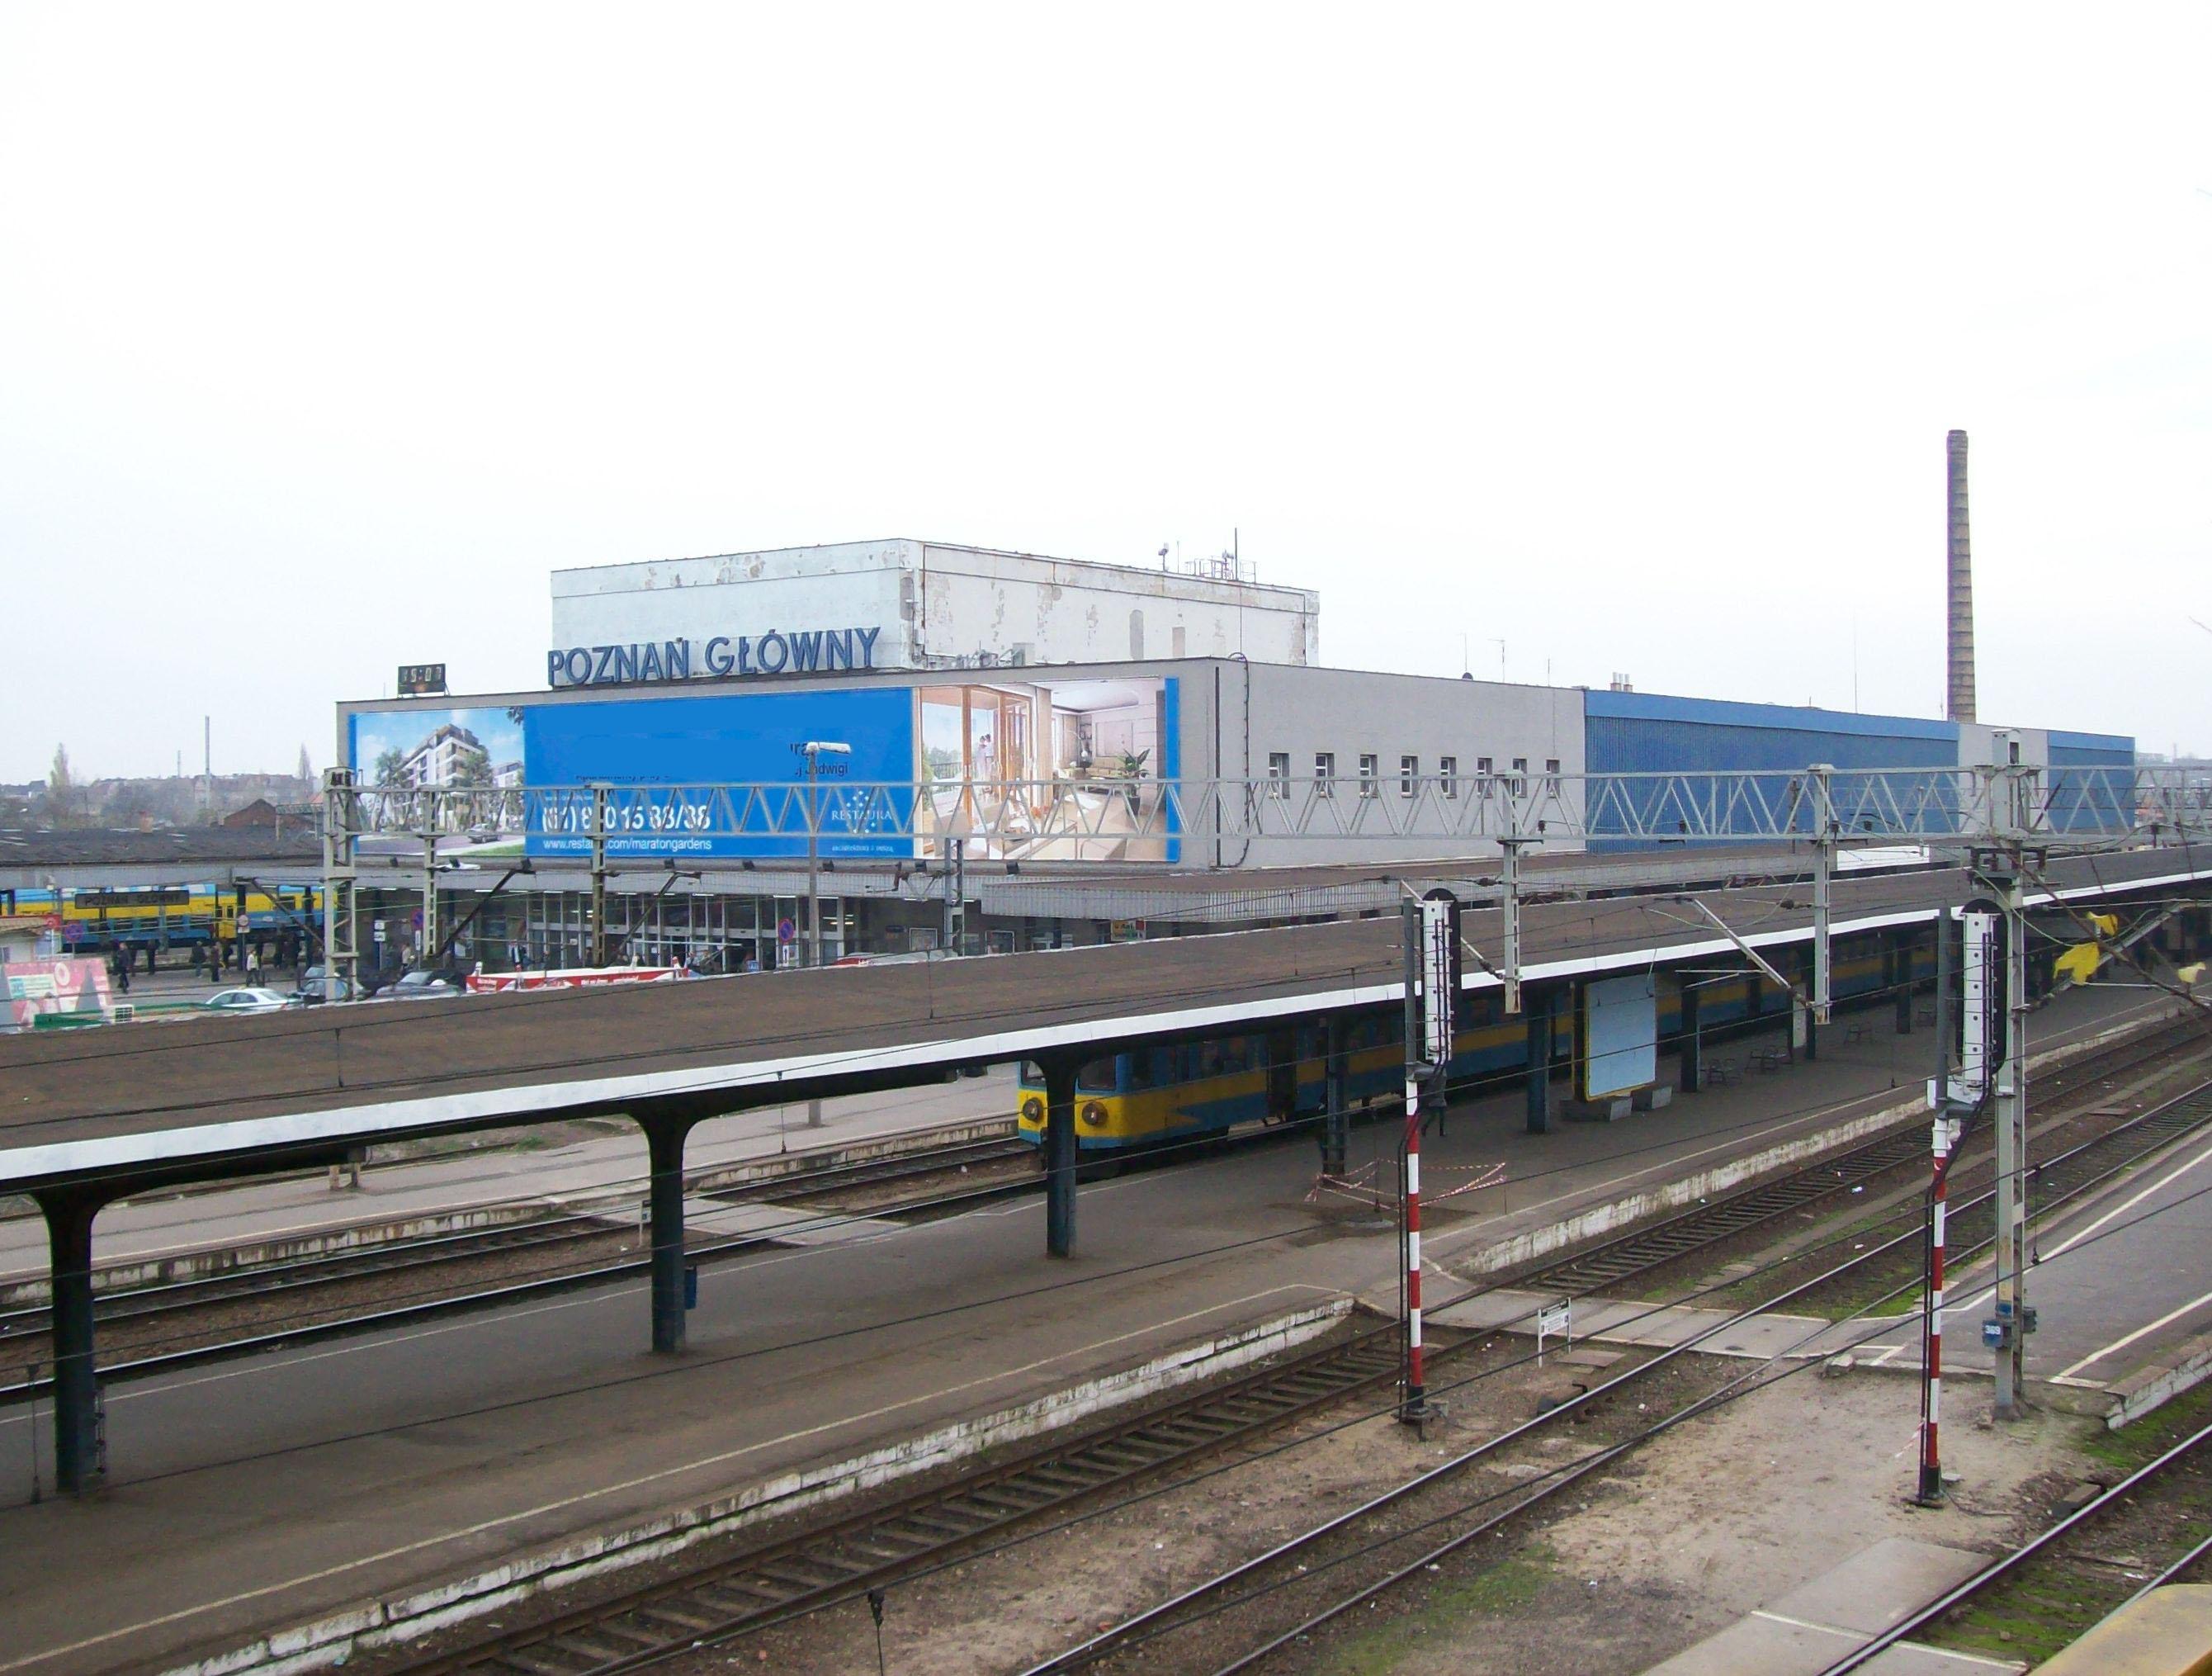 dworzec główny poznań stary pkp - wikimedia commons